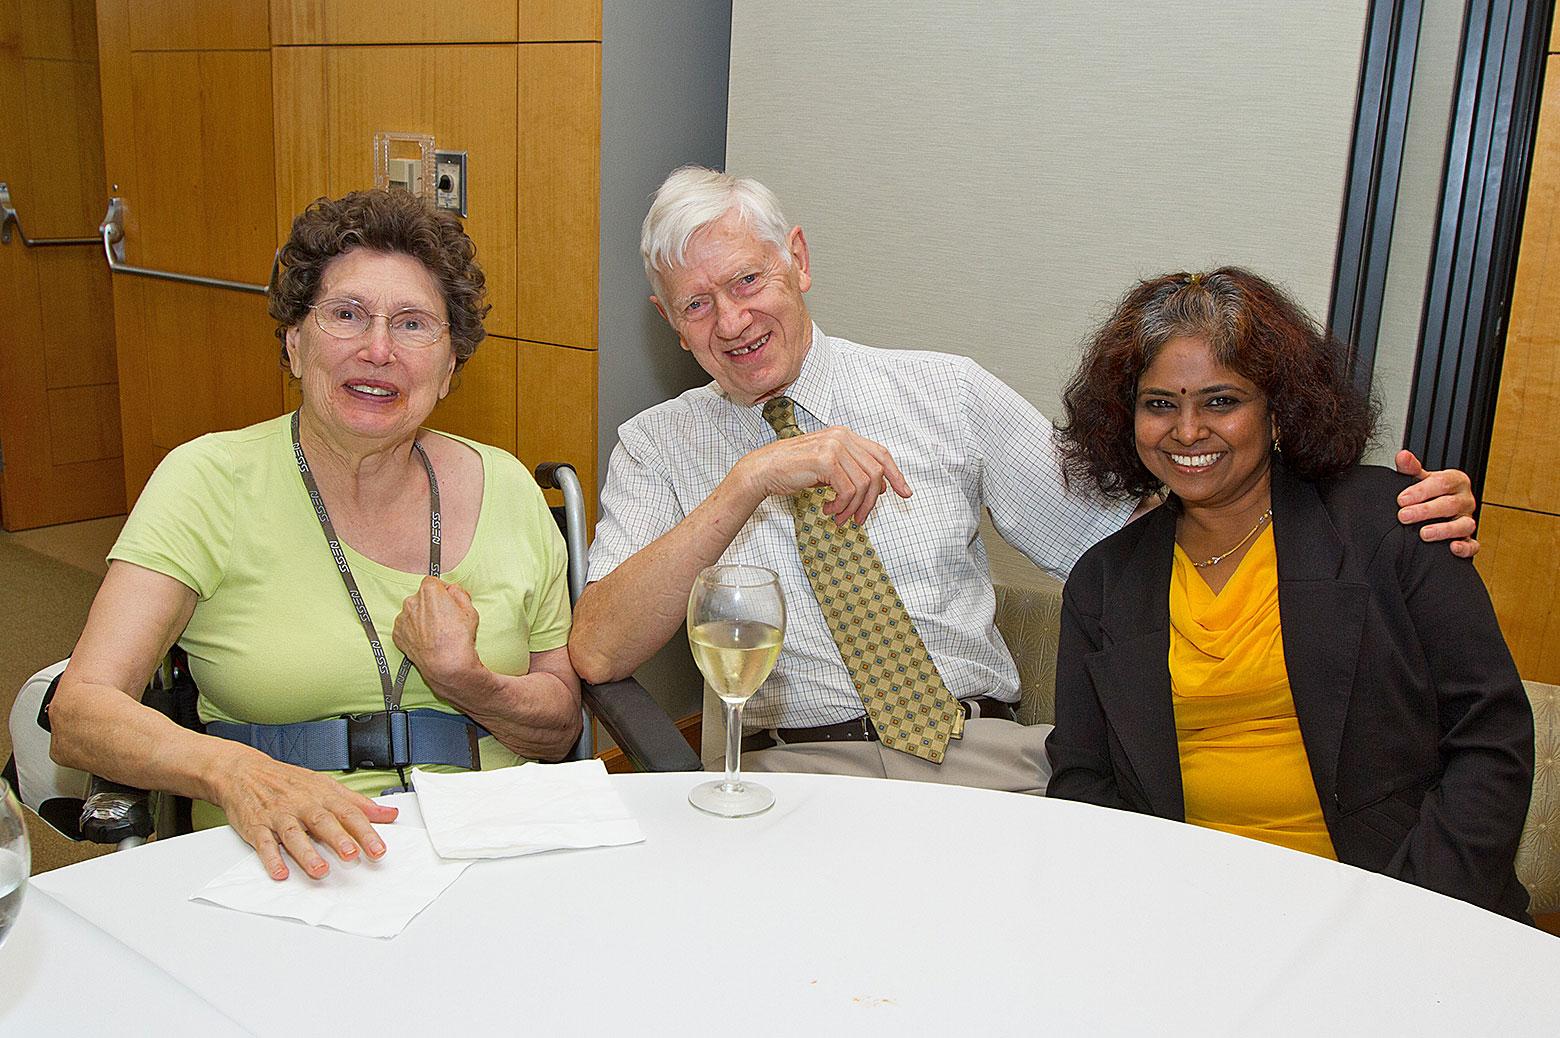 Mary Ann and Jim Wilkes, and Sunitha Nagrath